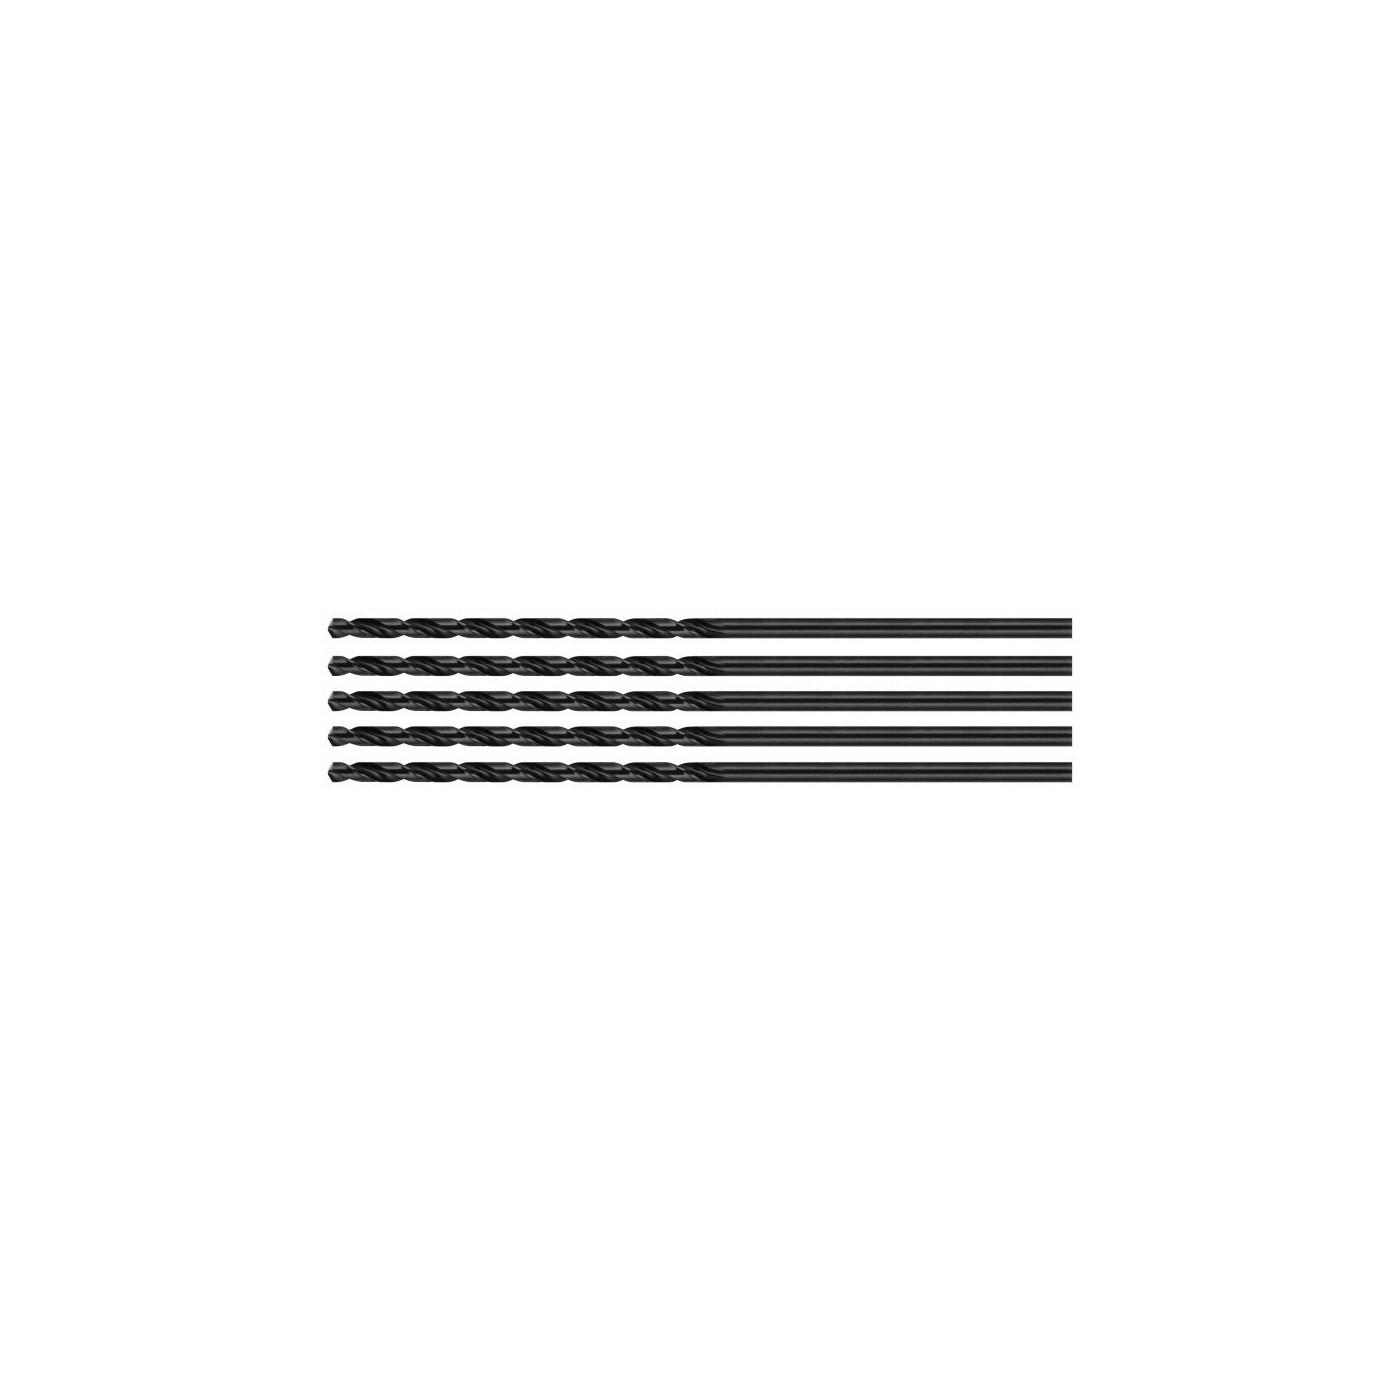 Set van 5 metaalboren (HSS, 5,0x87 mm)